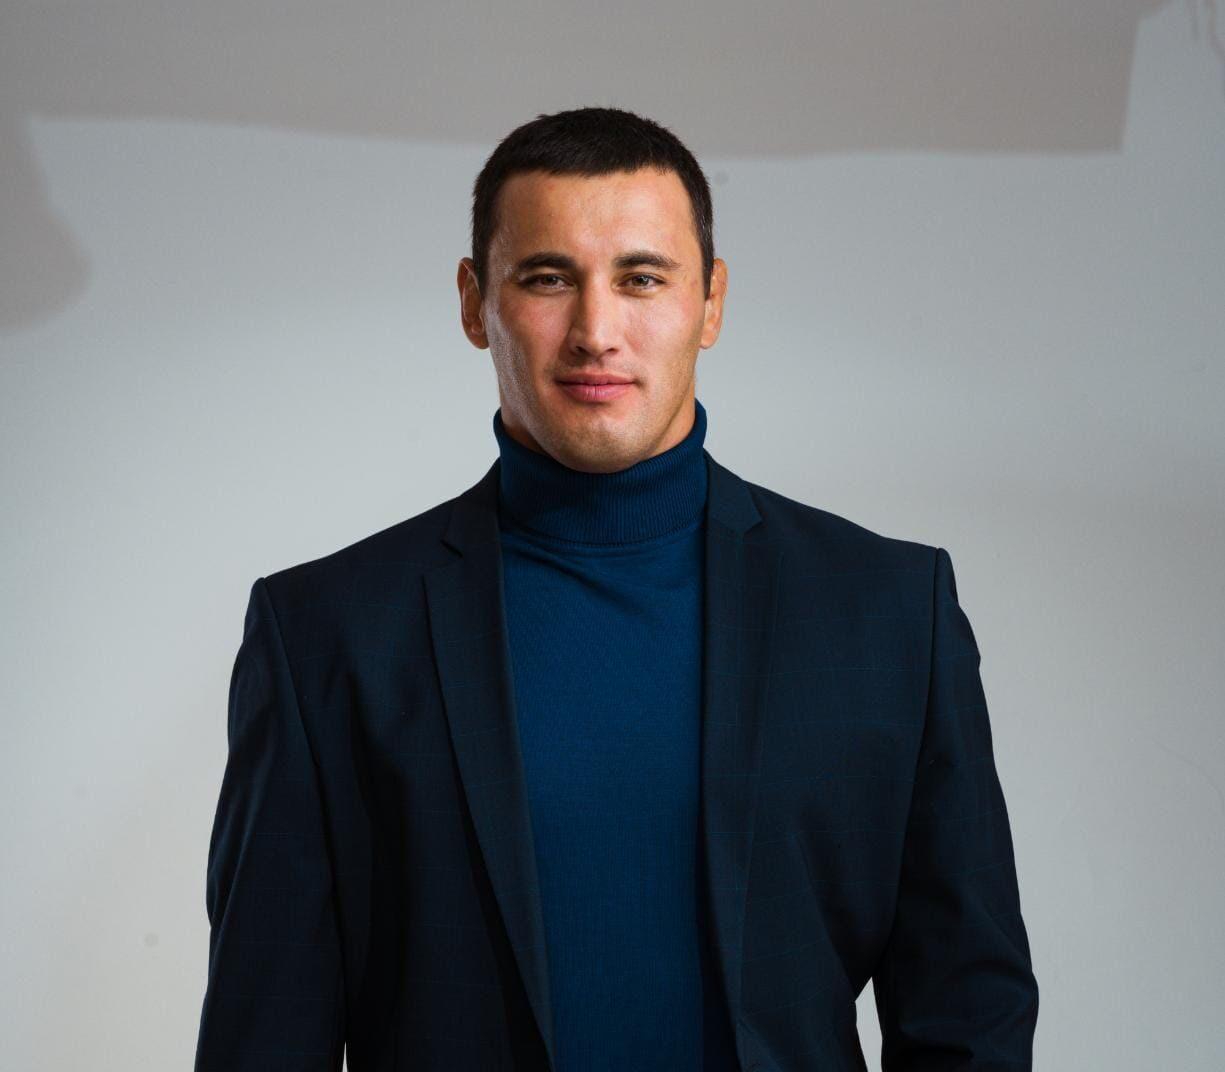 Борец Айаал Лазарев встретится с якутскими студентами в онлайн-формате